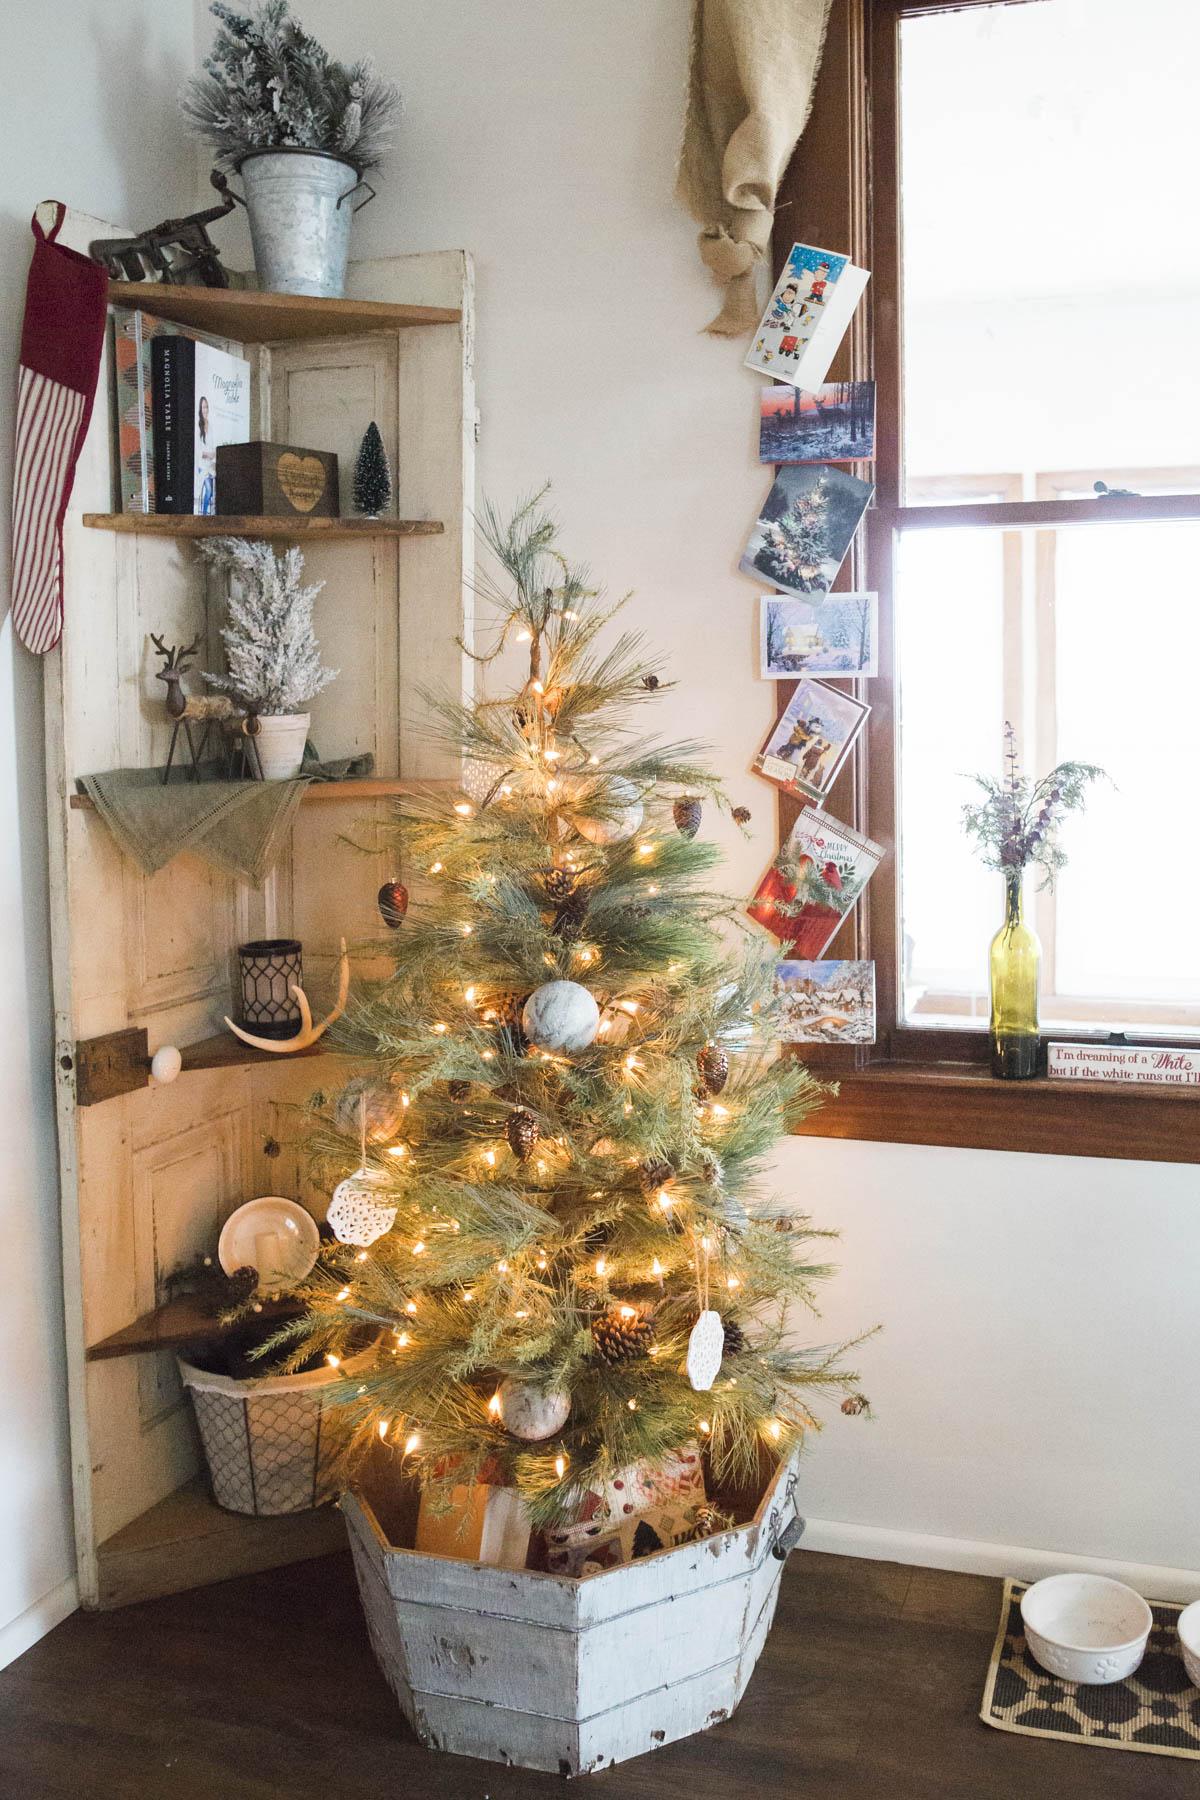 shotbychelsea_christmas_farmhouse_decor-8.jpg